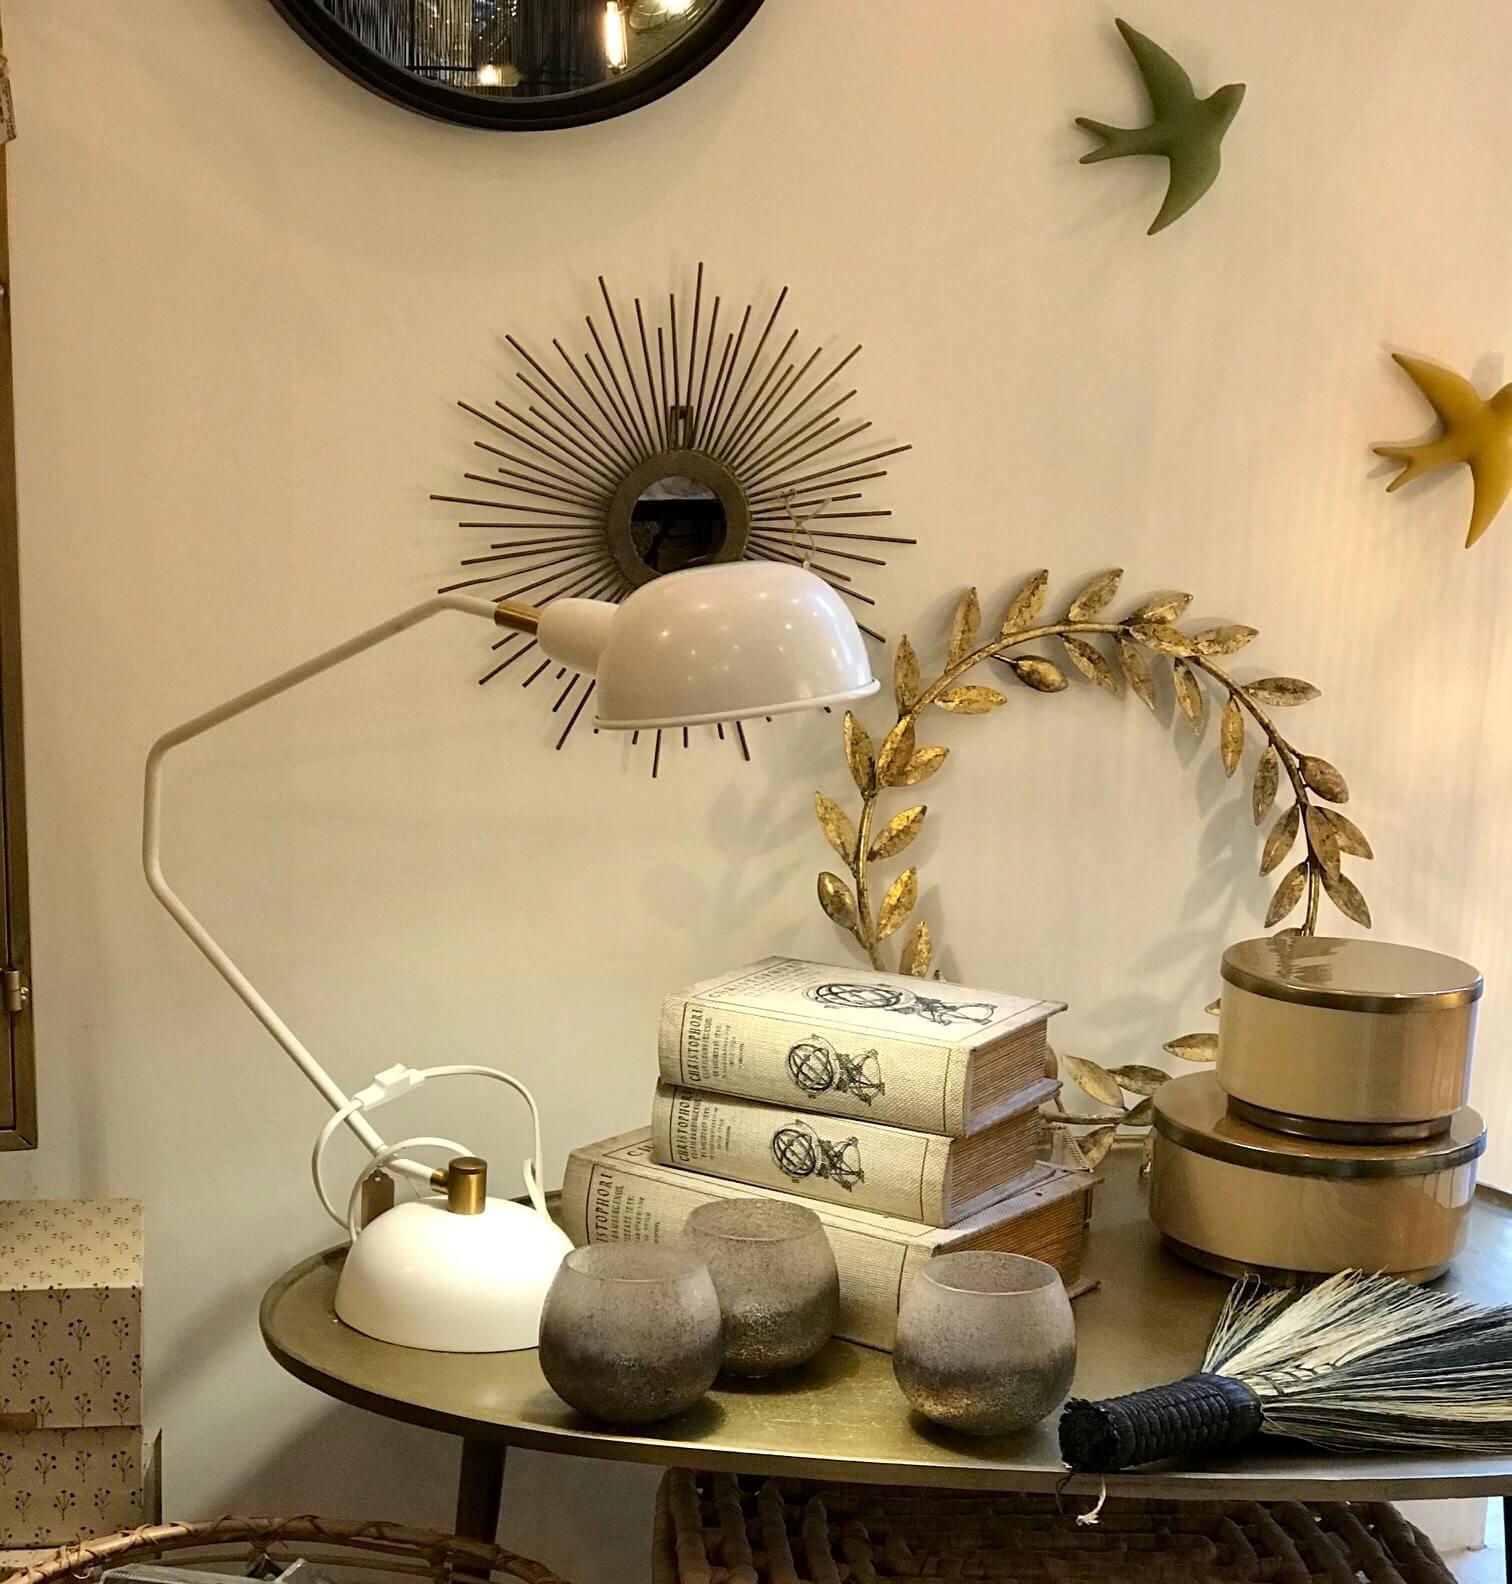 lampe de bureau blanche jolies trouvailles maison saint sa. Black Bedroom Furniture Sets. Home Design Ideas